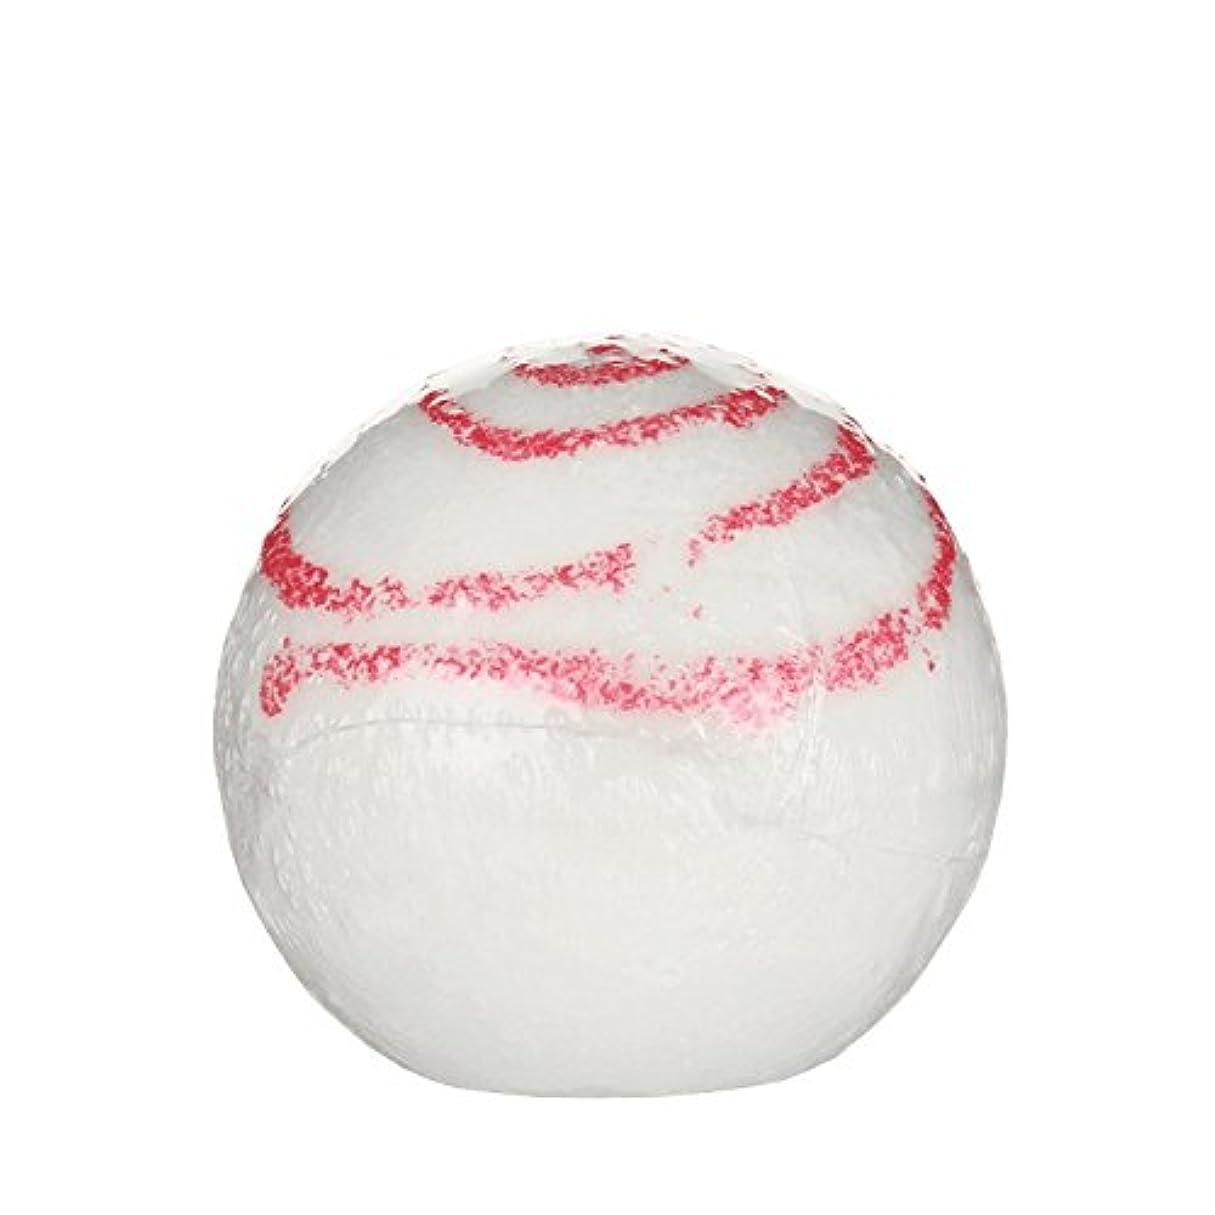 カトリック教徒マスタード騙すTreetsバスボールグリッターキス170グラム - Treets Bath Ball Glitter Kiss 170g (Treets) [並行輸入品]